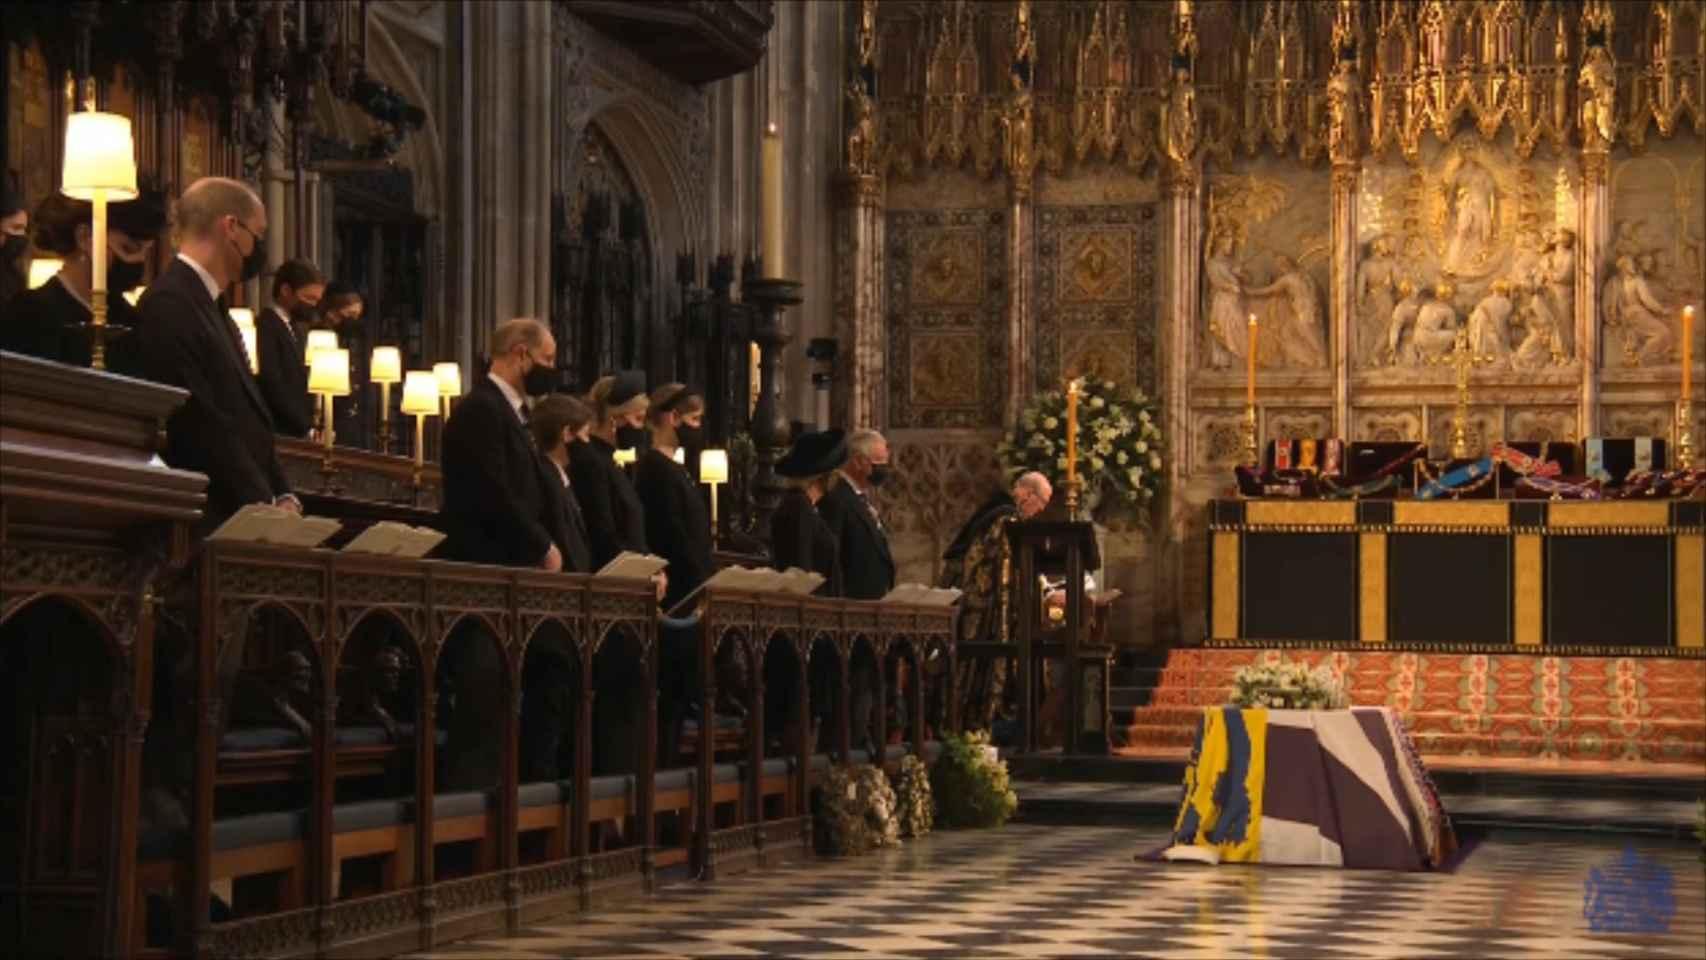 La reina Isabel II, familiares y ejército dan el último adiós al duque de Edimburgo